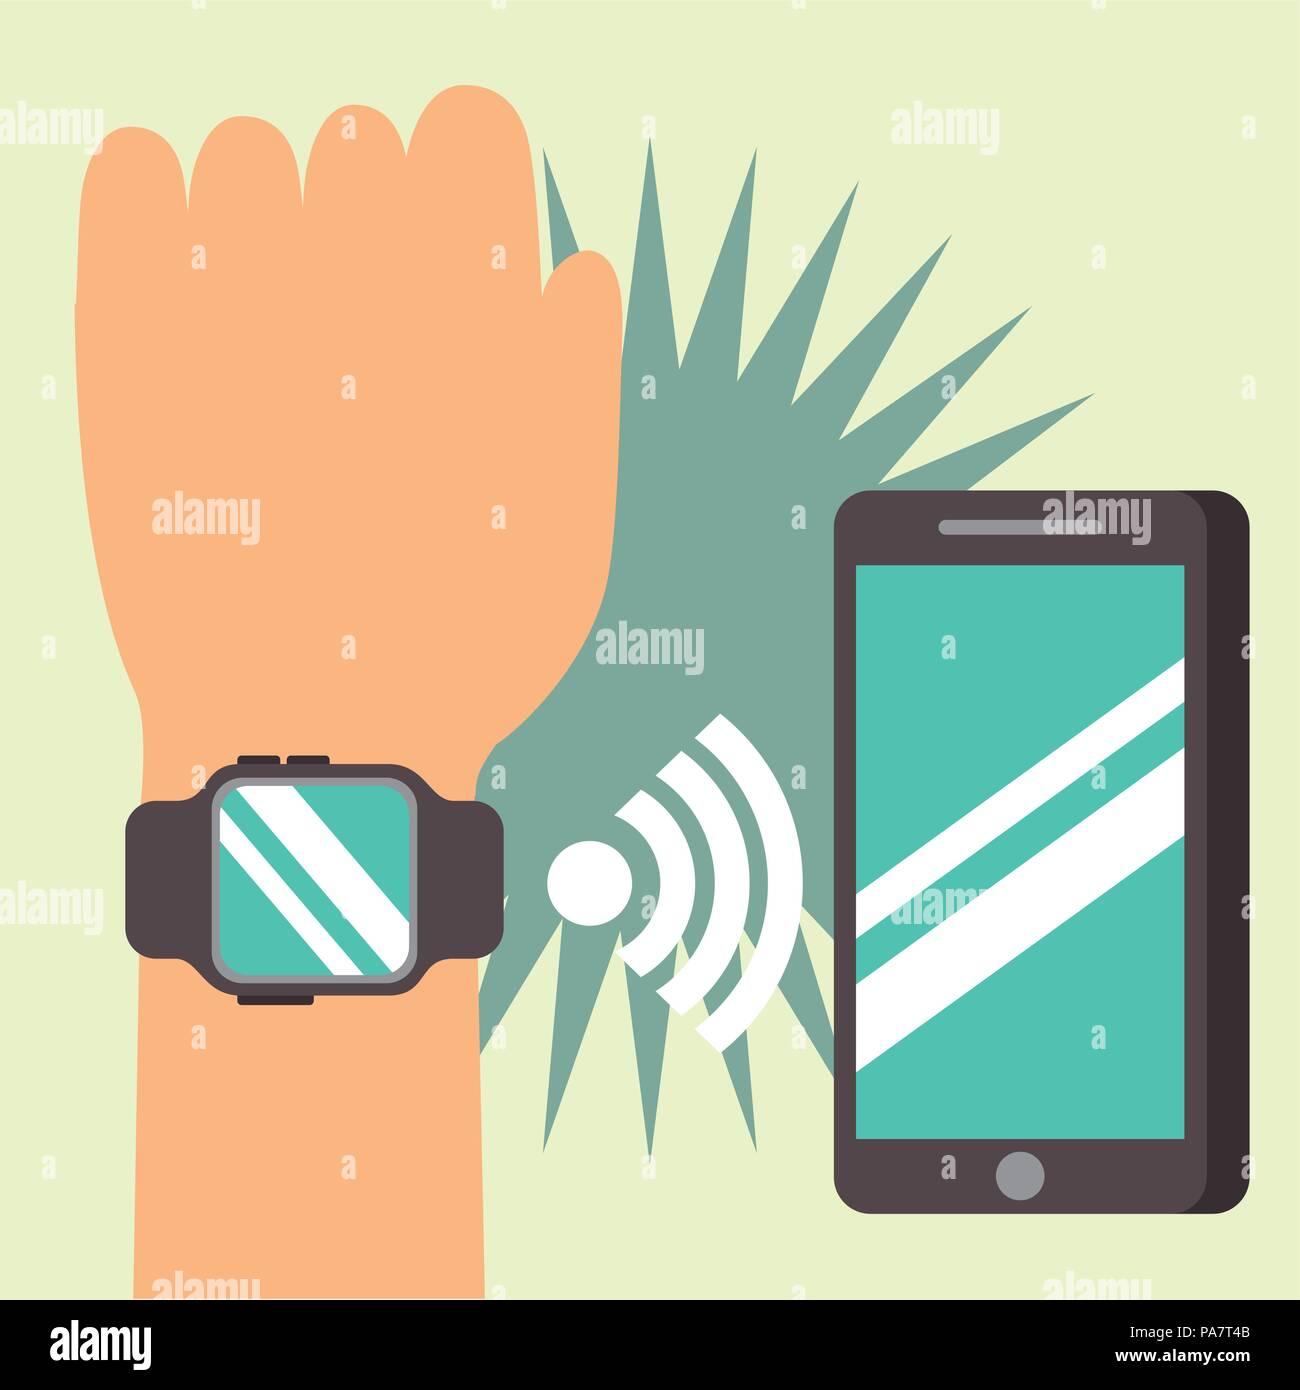 ed8c60bfa5a9 Tecnología de pago NFC mano usando la señal de reloj de pulsera smartphone ilustración  vectorial Imagen